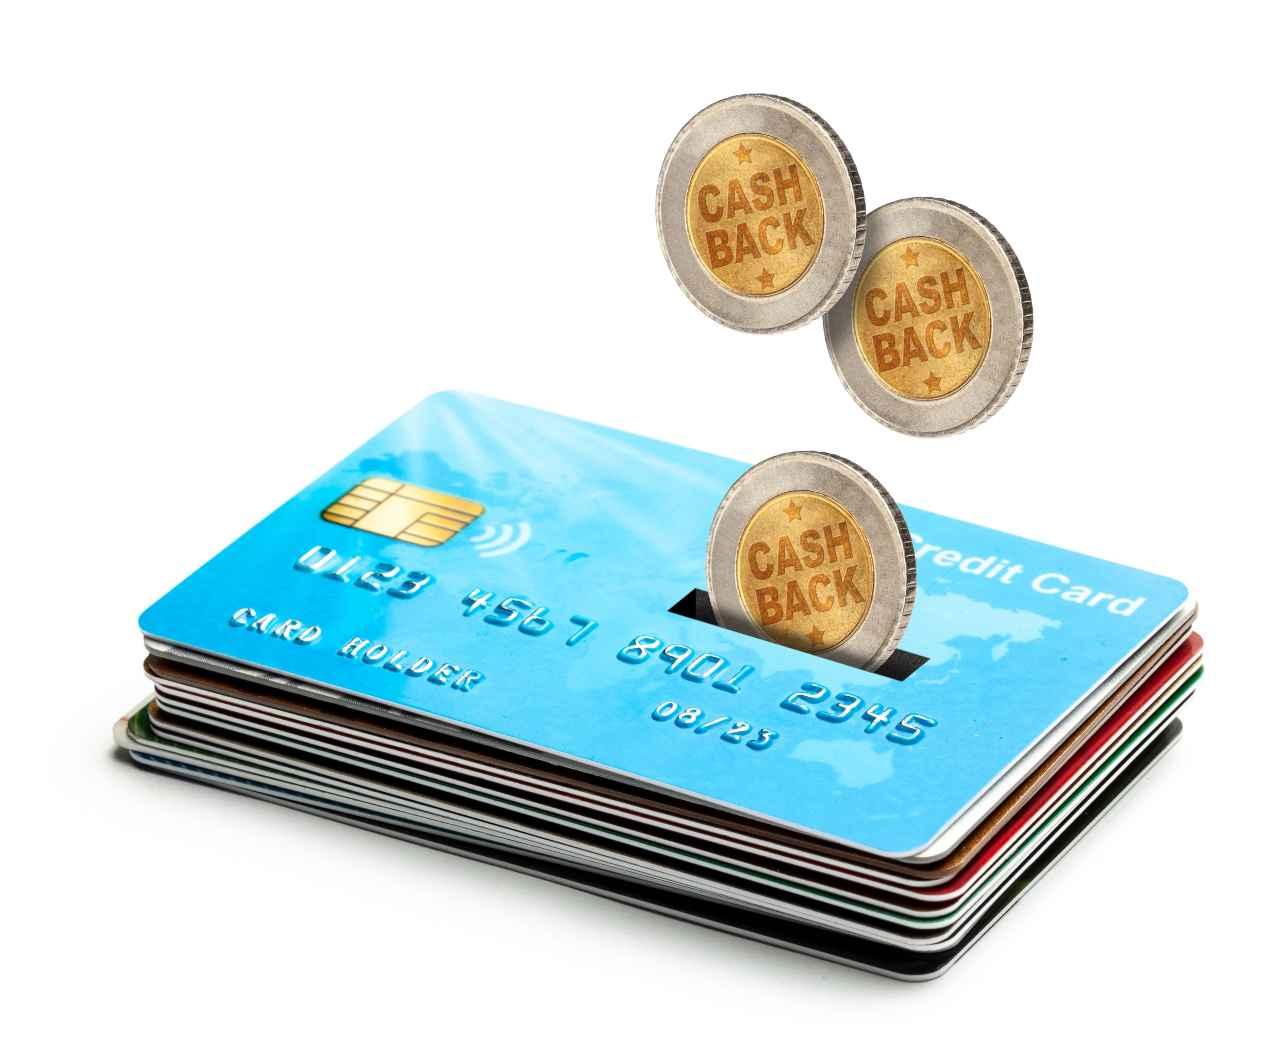 Cash Back (Adobe Stock)